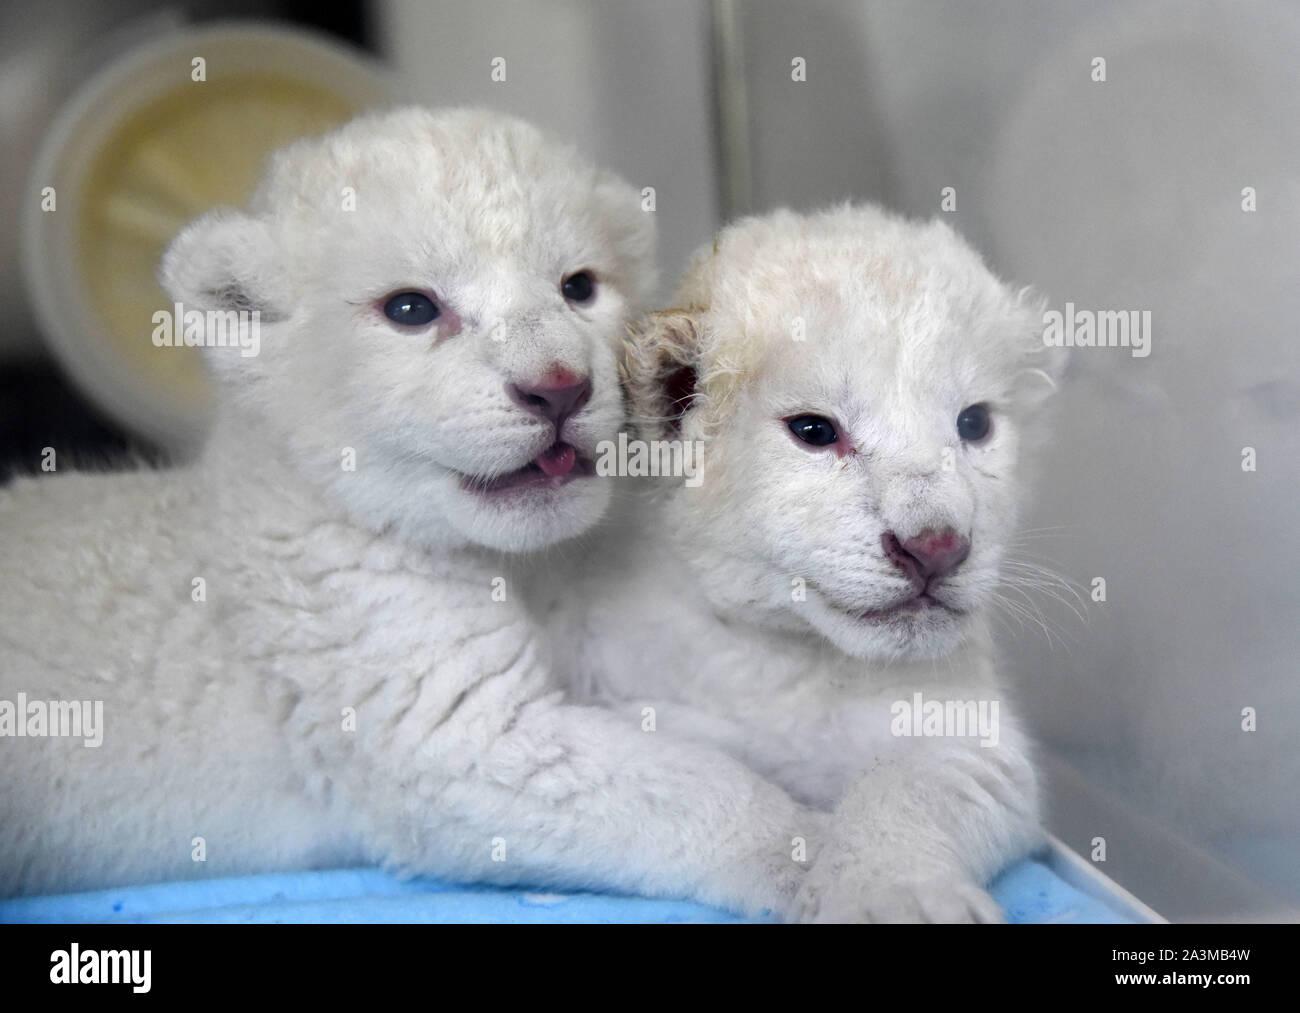 Jinan, Chine, la province de Shandong. 9 octobre, 2019. Une paire de lits jumeaux nouveau-né white lion cub sont photographié à la Wild World Jinan, un parc animalier à Jinan, capitale de la Chine de l'est la province du Shandong, le 9 octobre 2019. Un lion blanc mère a donné naissance à une paire d'oursons jumeaux le 2 octobre au monde sauvage. Les deux oursons nouveau-né, un homme et une femme, sont en bon état de santé et se réunira les visiteurs après une période d'observation. Le lion blanc est une rare espèce trouve principalement dans le sud de l'Afrique. Credit: Wang Kai/Xinhua/Alamy Live News Banque D'Images